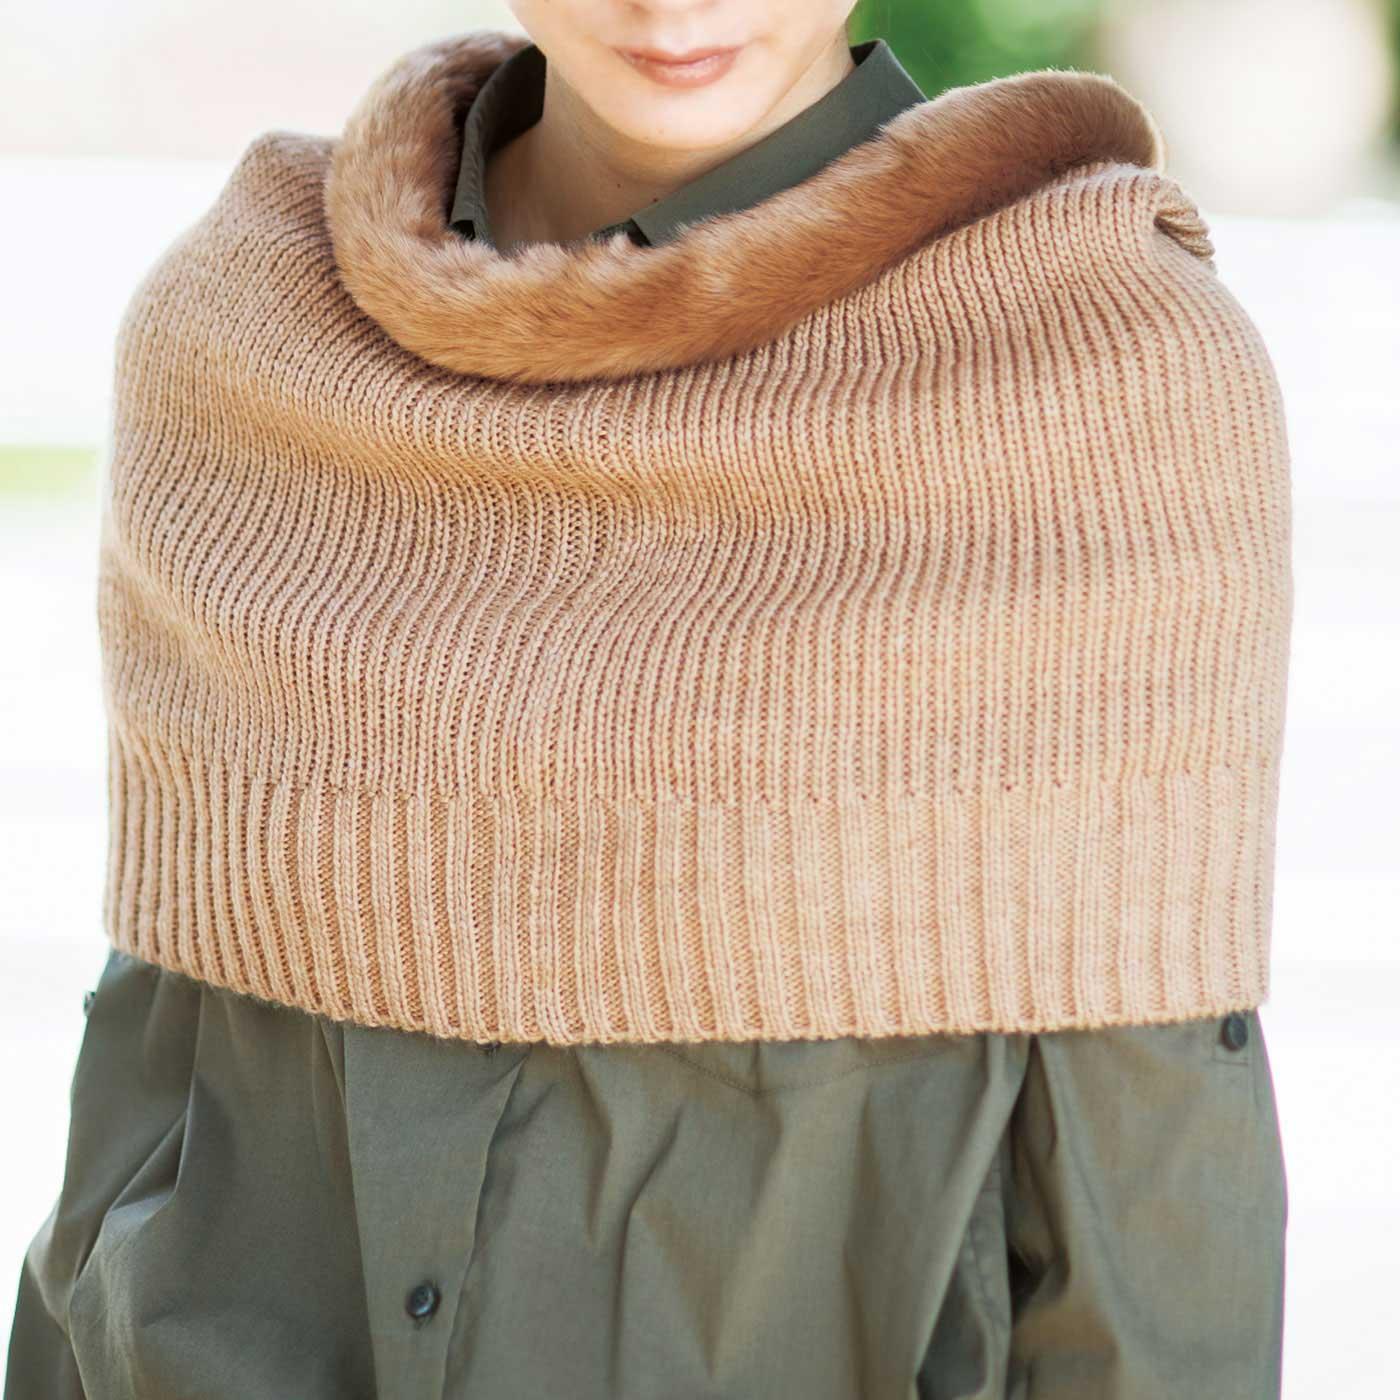 【肩ウォーマー】肩まわりや背中、二の腕を包み込み、すっぽり暖かく。